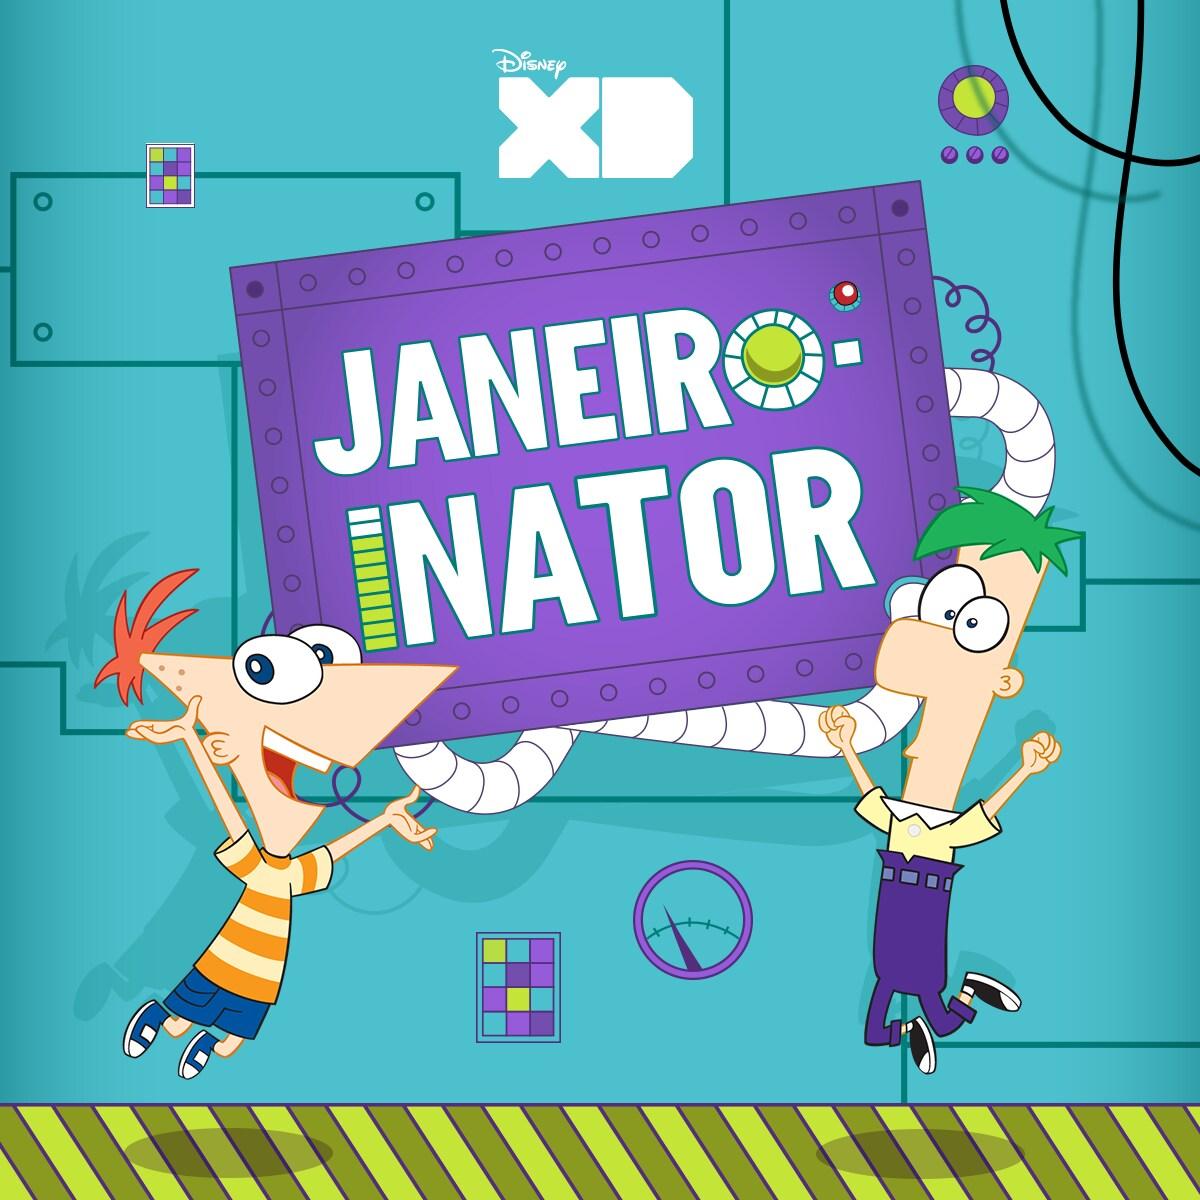 JaneiroNator